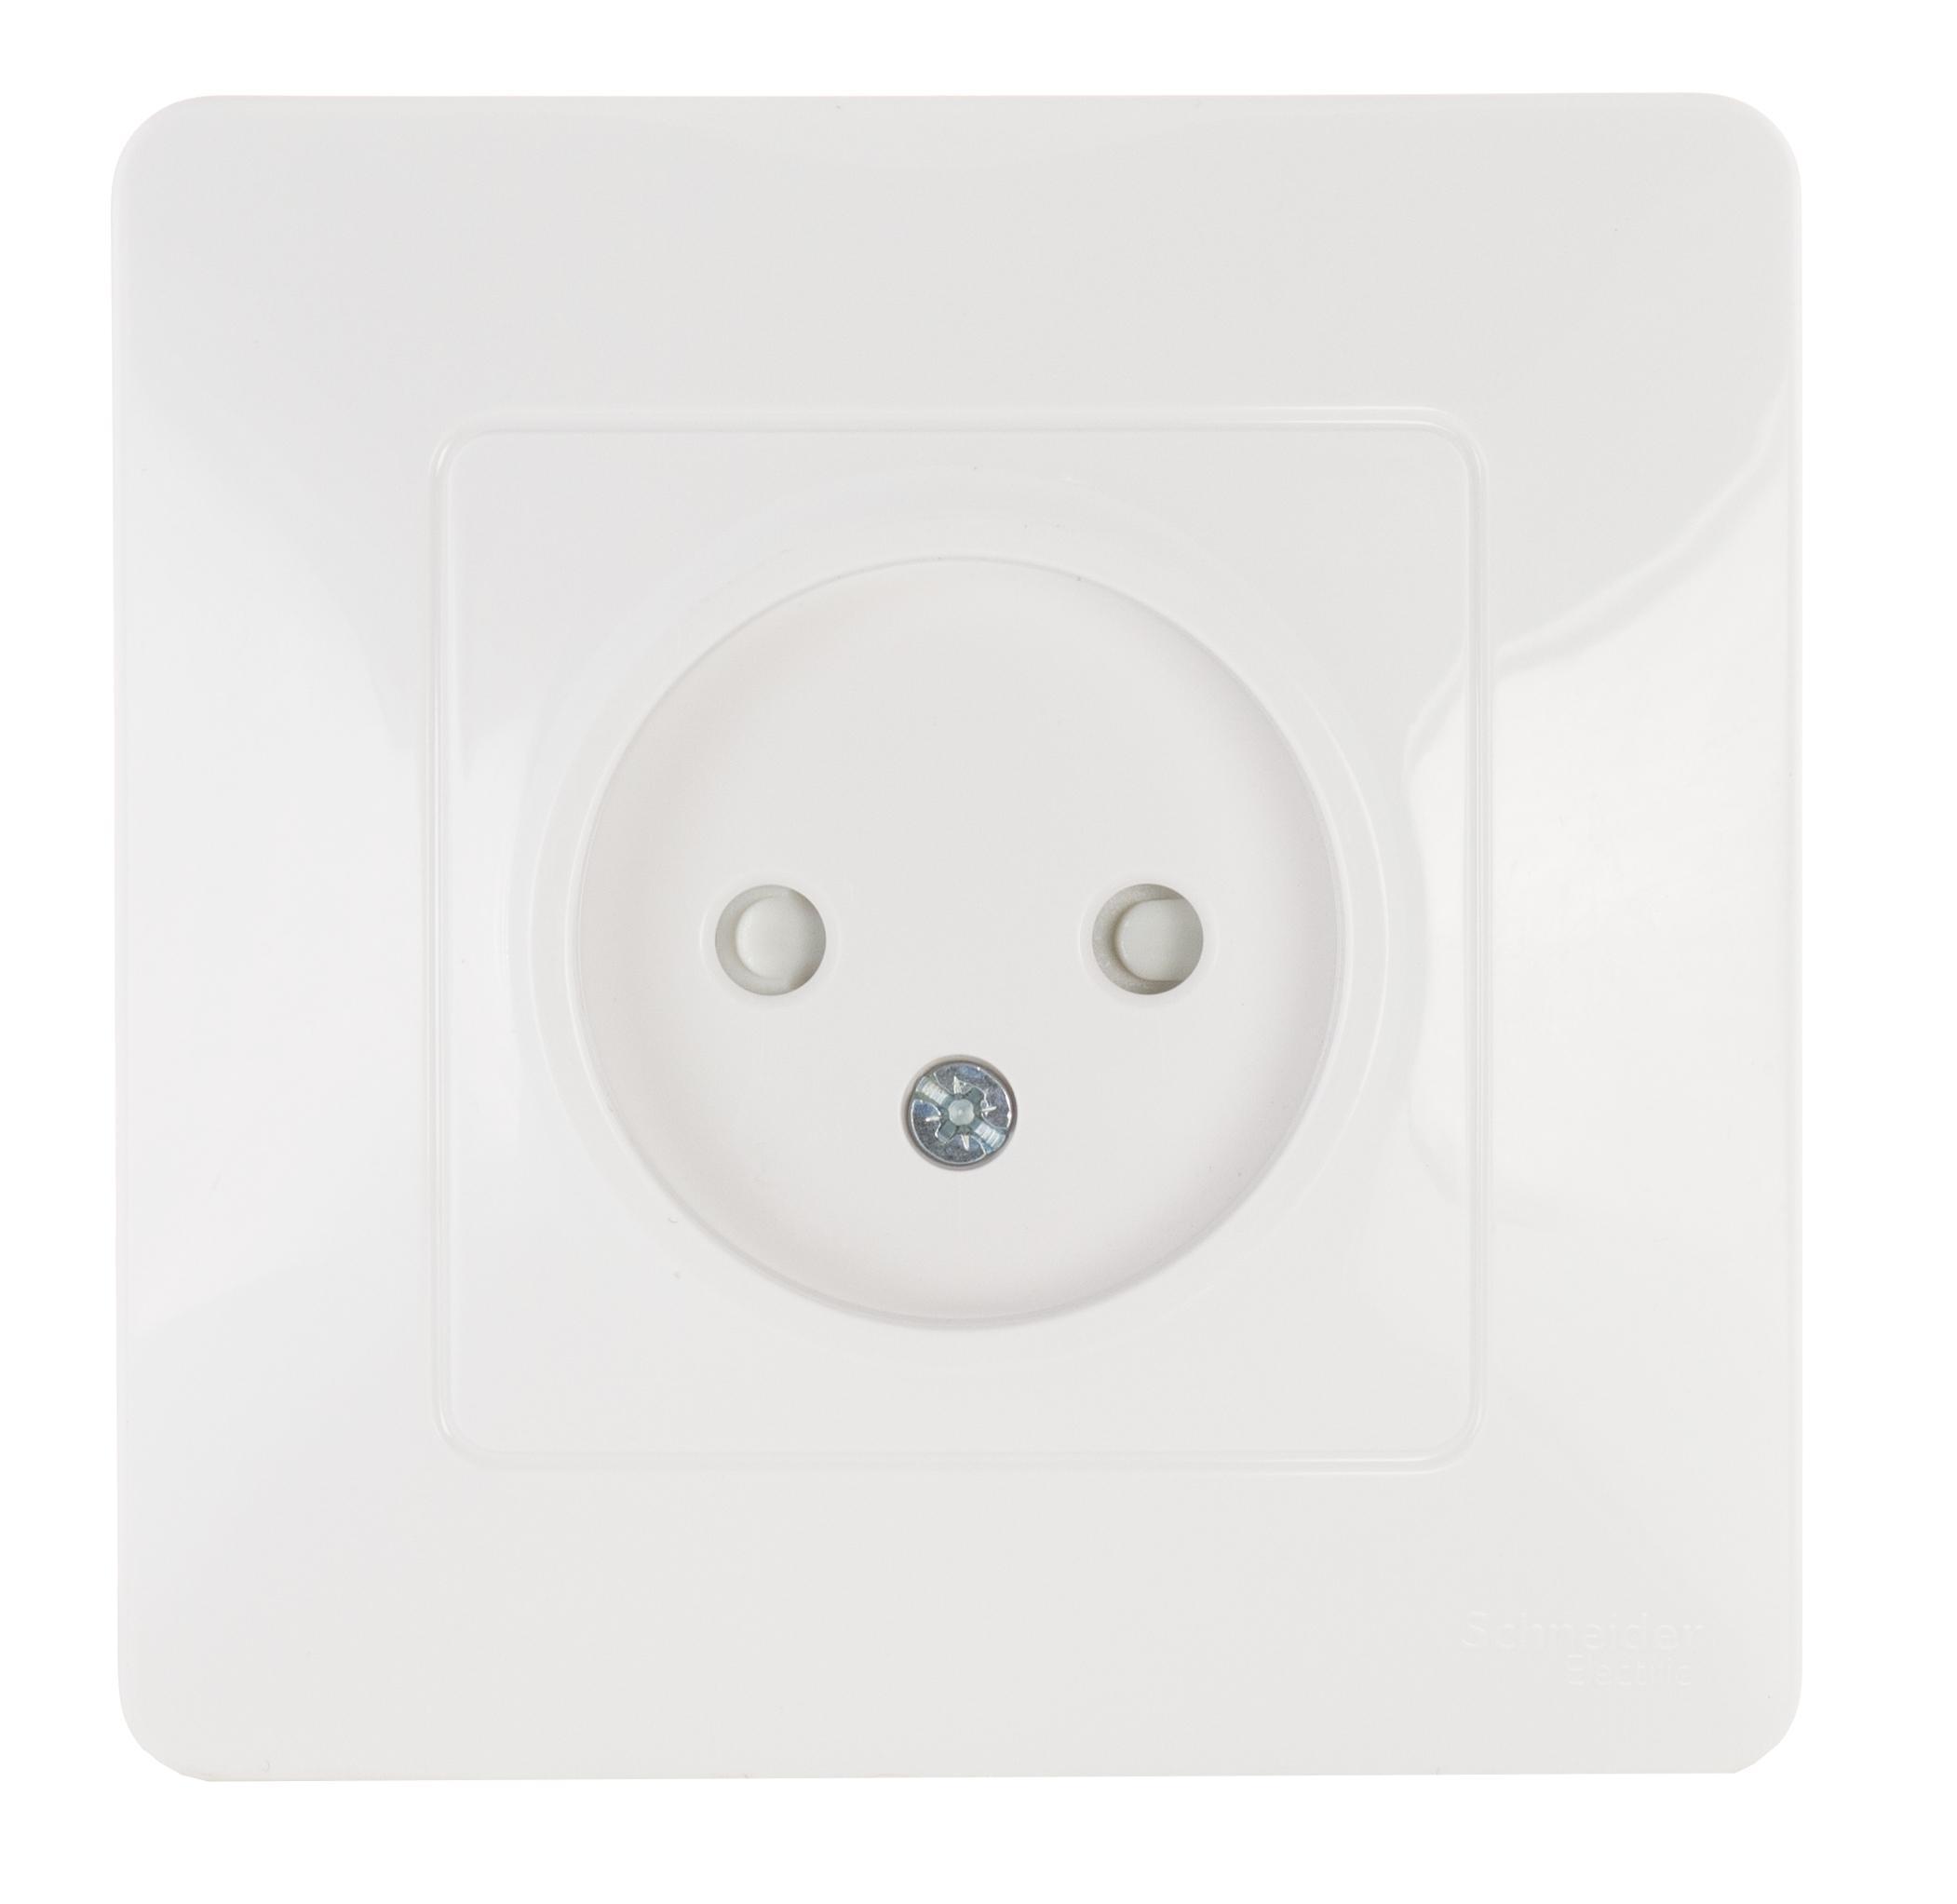 Купить Розетка Schneider electric Blnrs000111 blanca